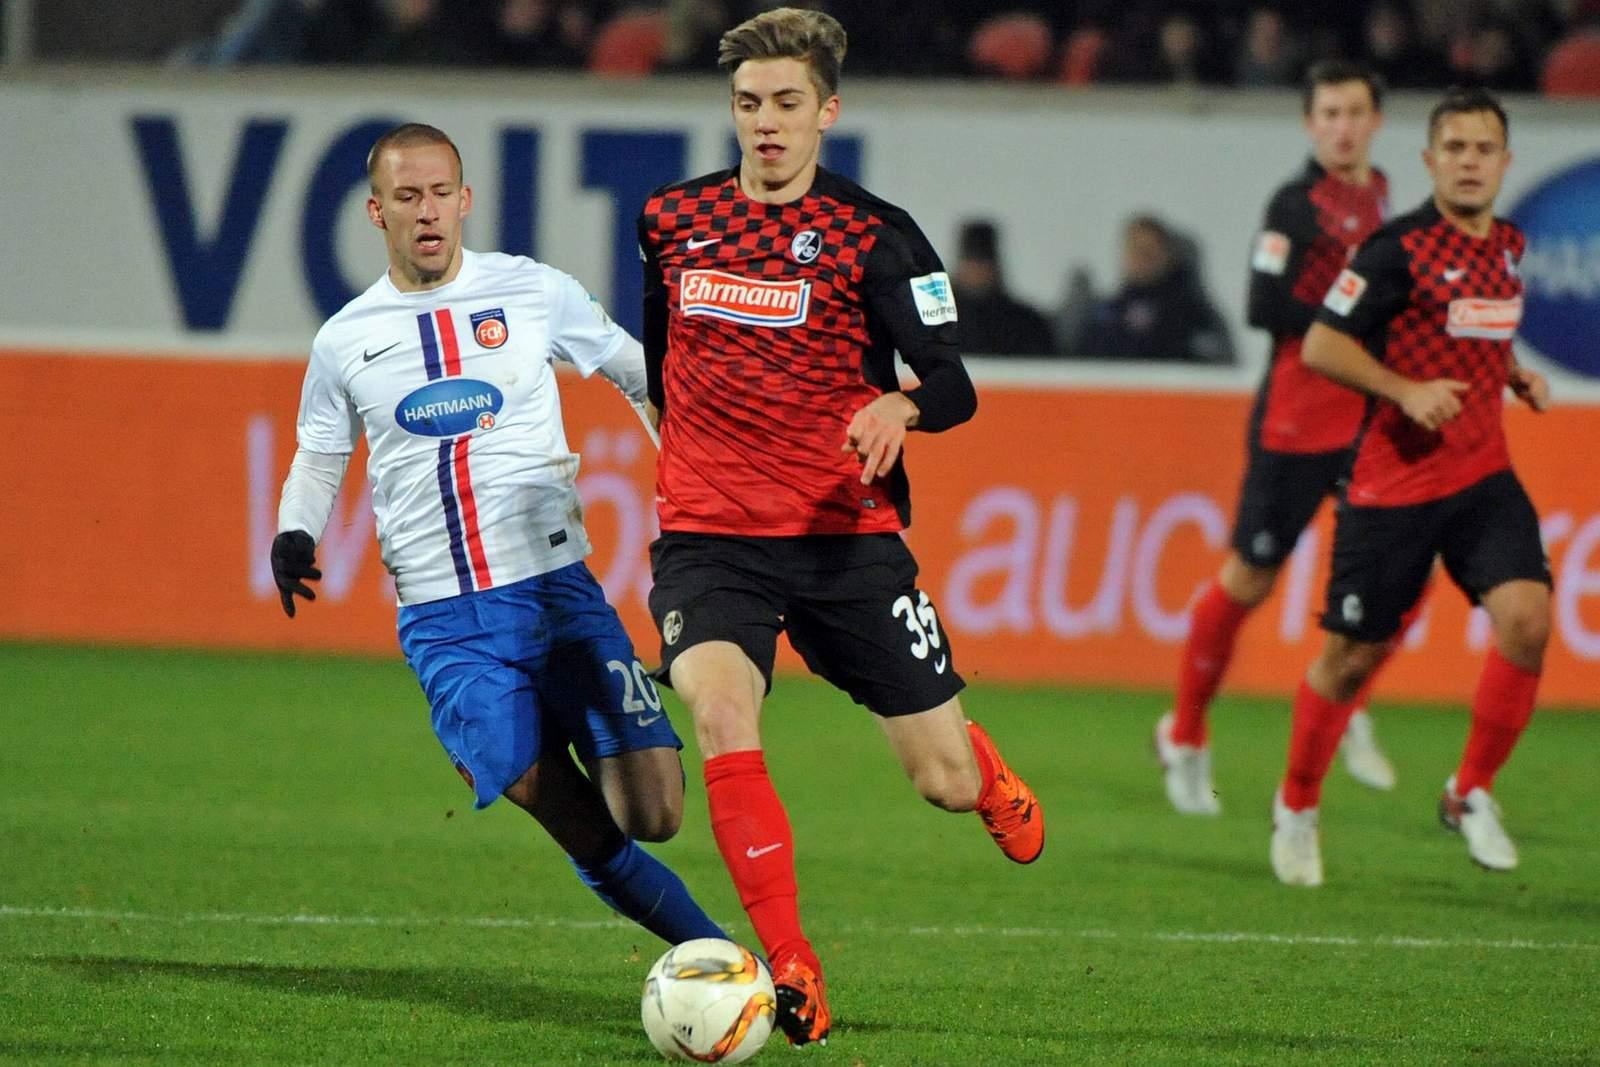 Lucas Hufnagel vom SC Freiburg